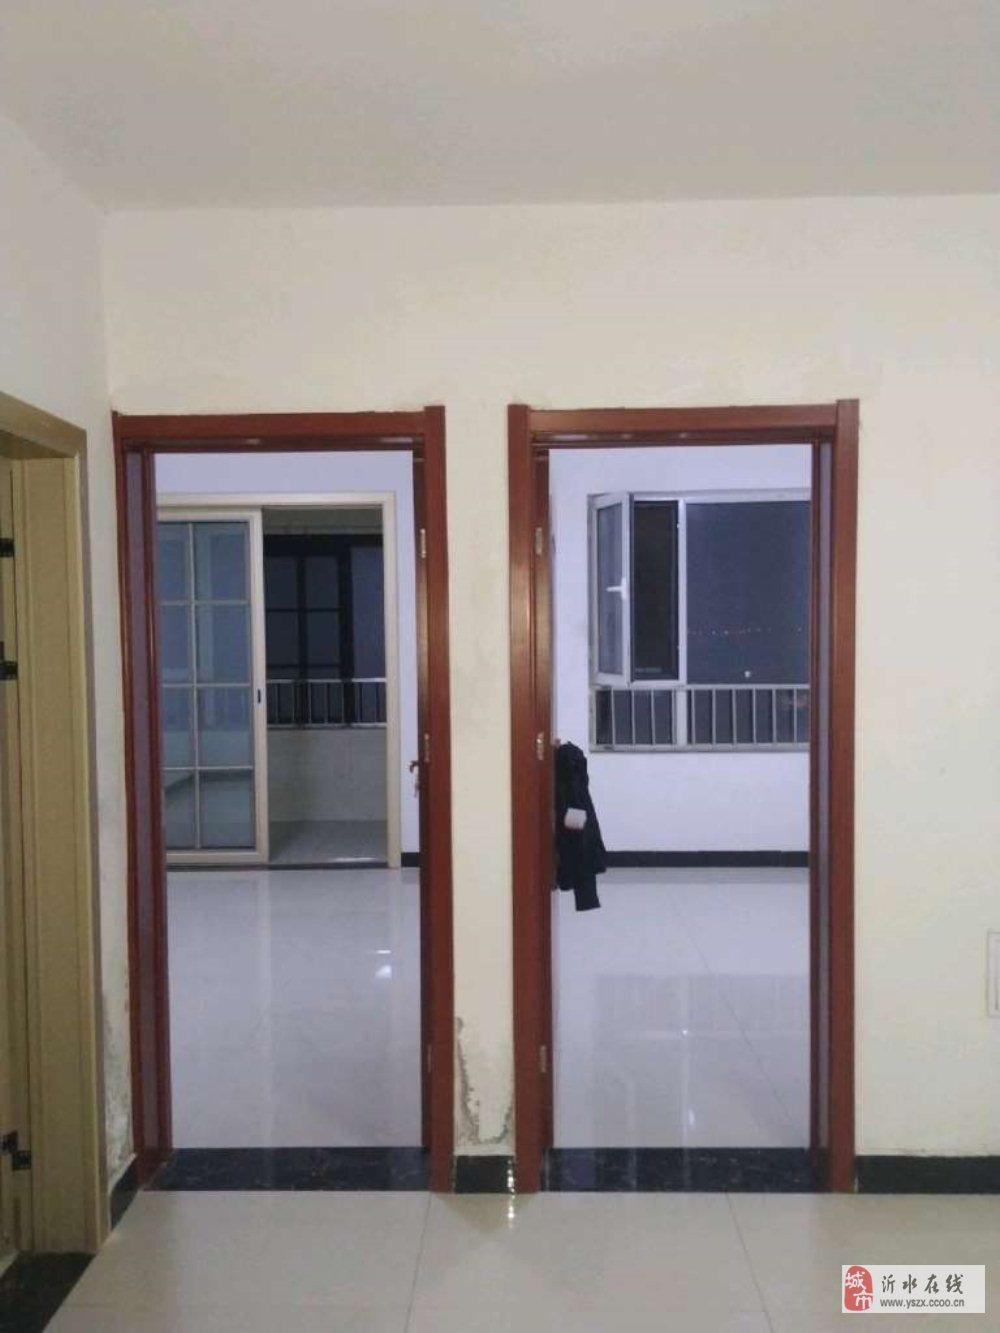 ☆清华园12楼2室80平带车位储藏室简装57万元